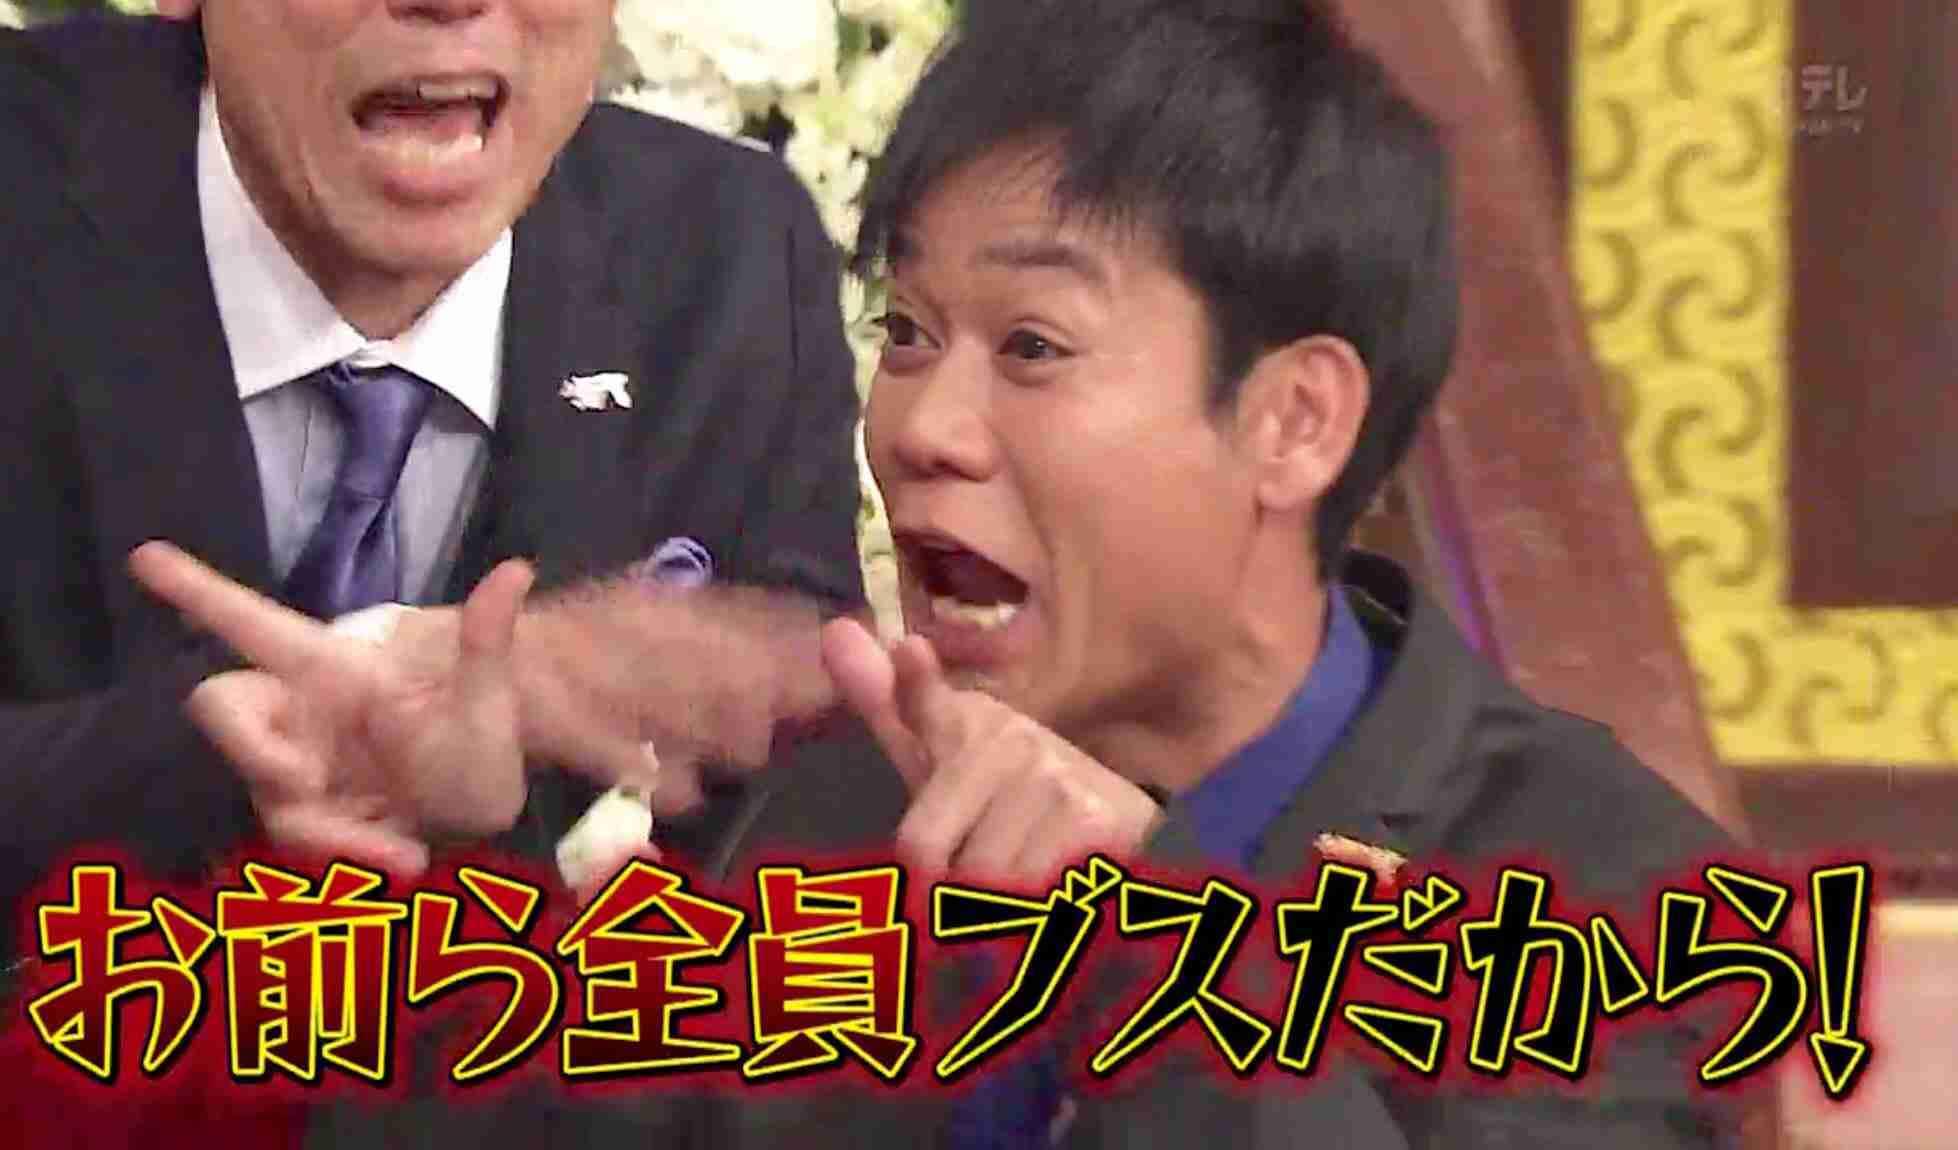 名倉潤 結婚会見で受けた屈辱の質問「何でこんな顔の人と結婚したの?」